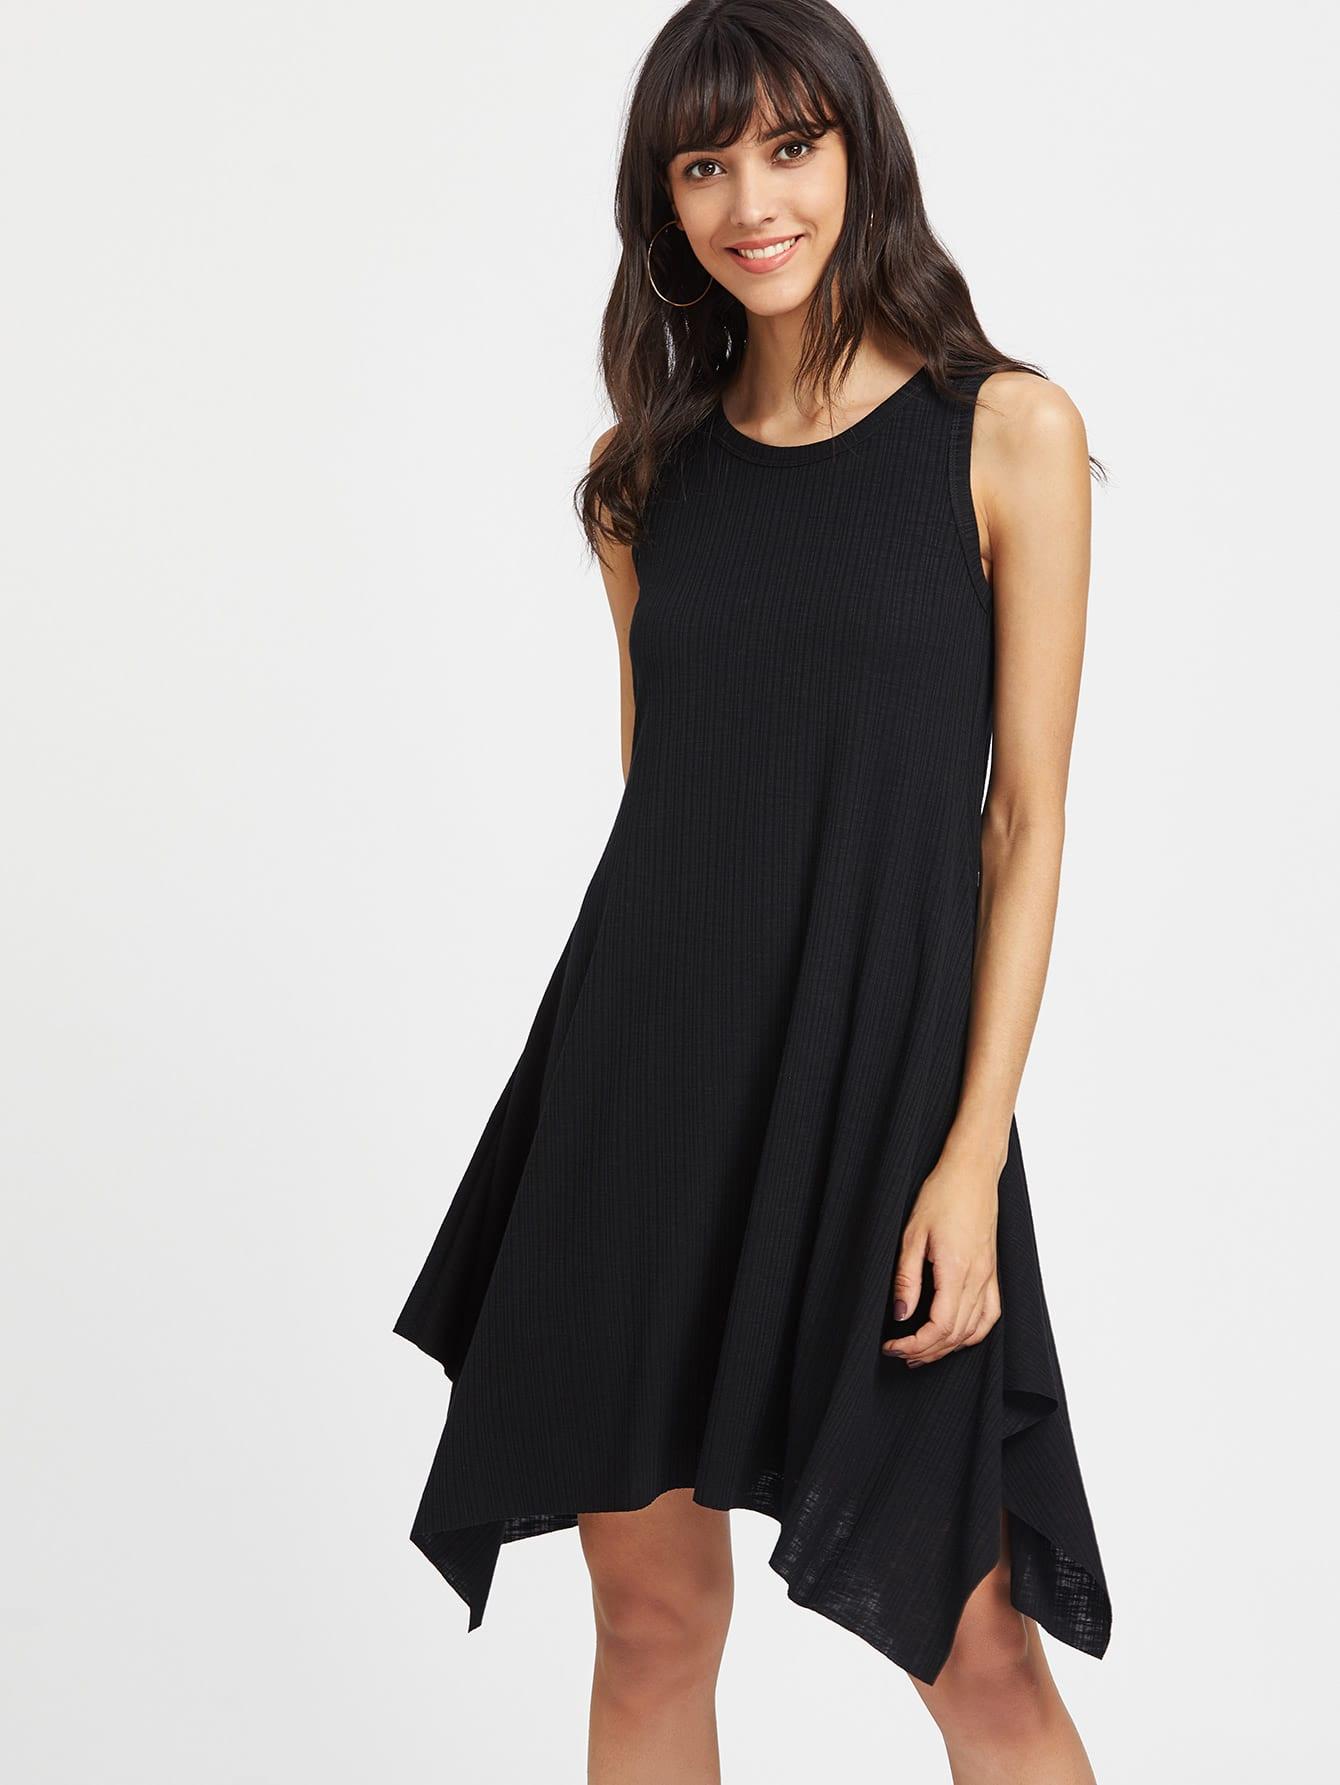 Rib Knit Hanky Hem Tank Dress dress170410704